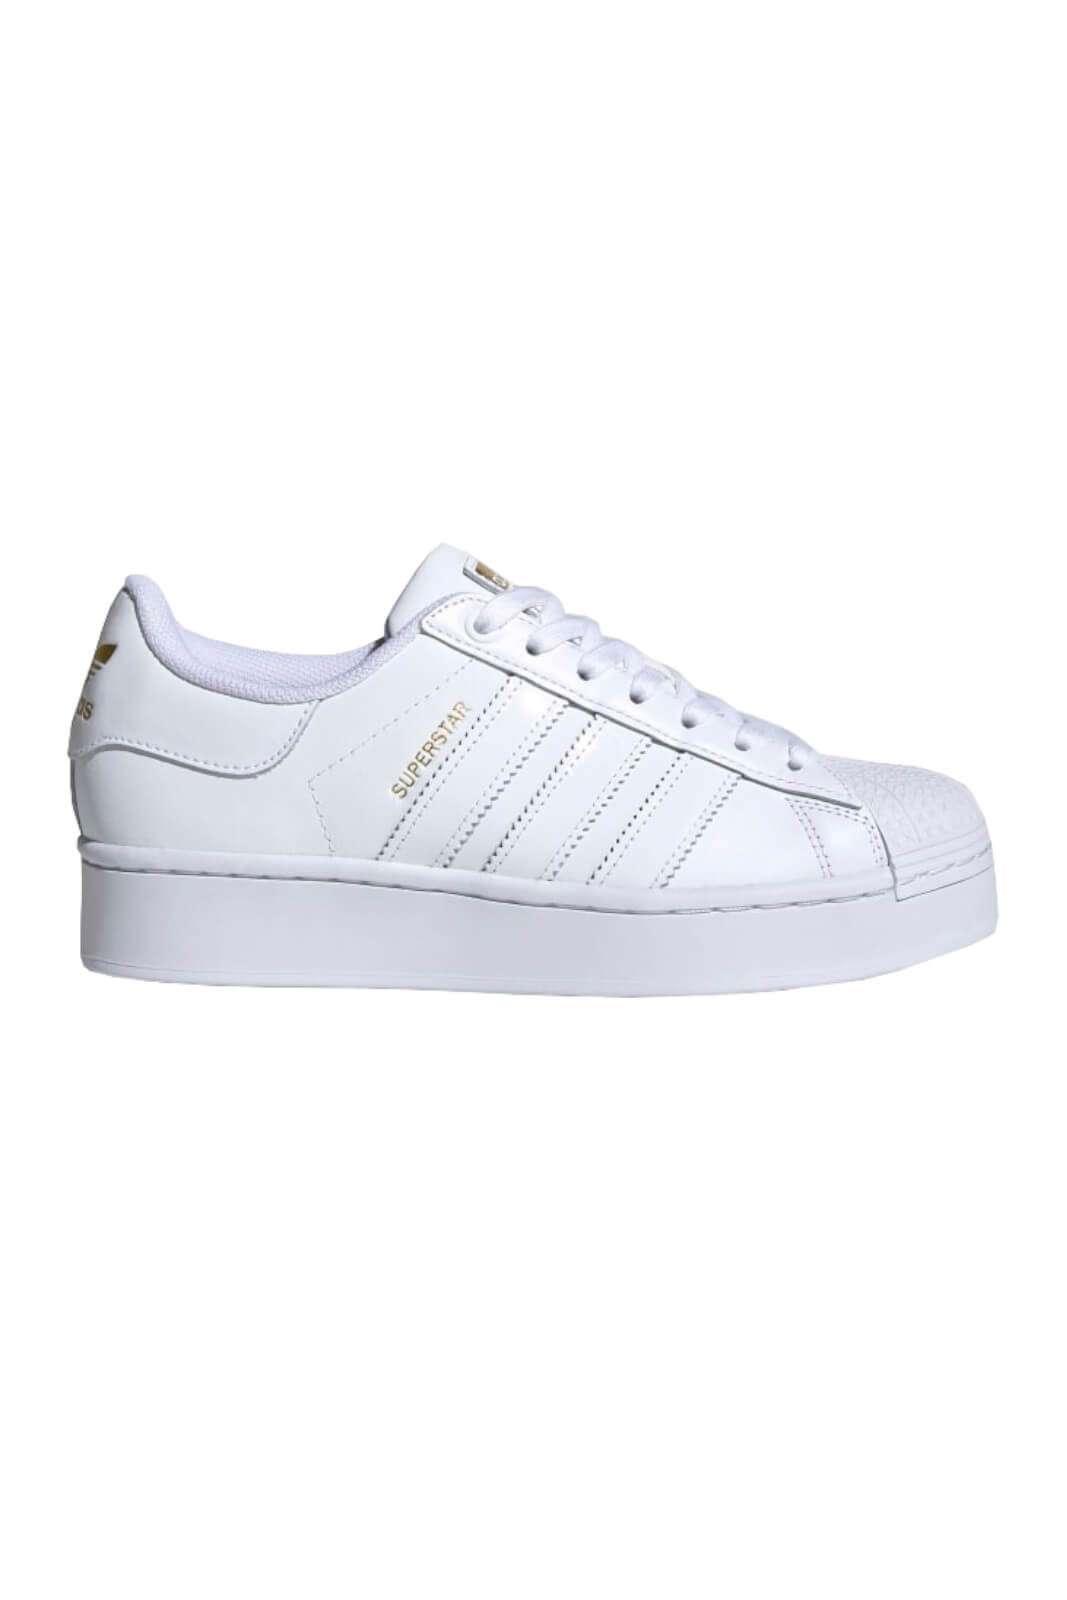 Una sneaker iconica quella proposta dalla new collection Adidas. Da indossare nelle giornate di tutti i giorni, nel tempo libero o nelle uscite con gli amici. Perfetta per look versatili e giovanili.